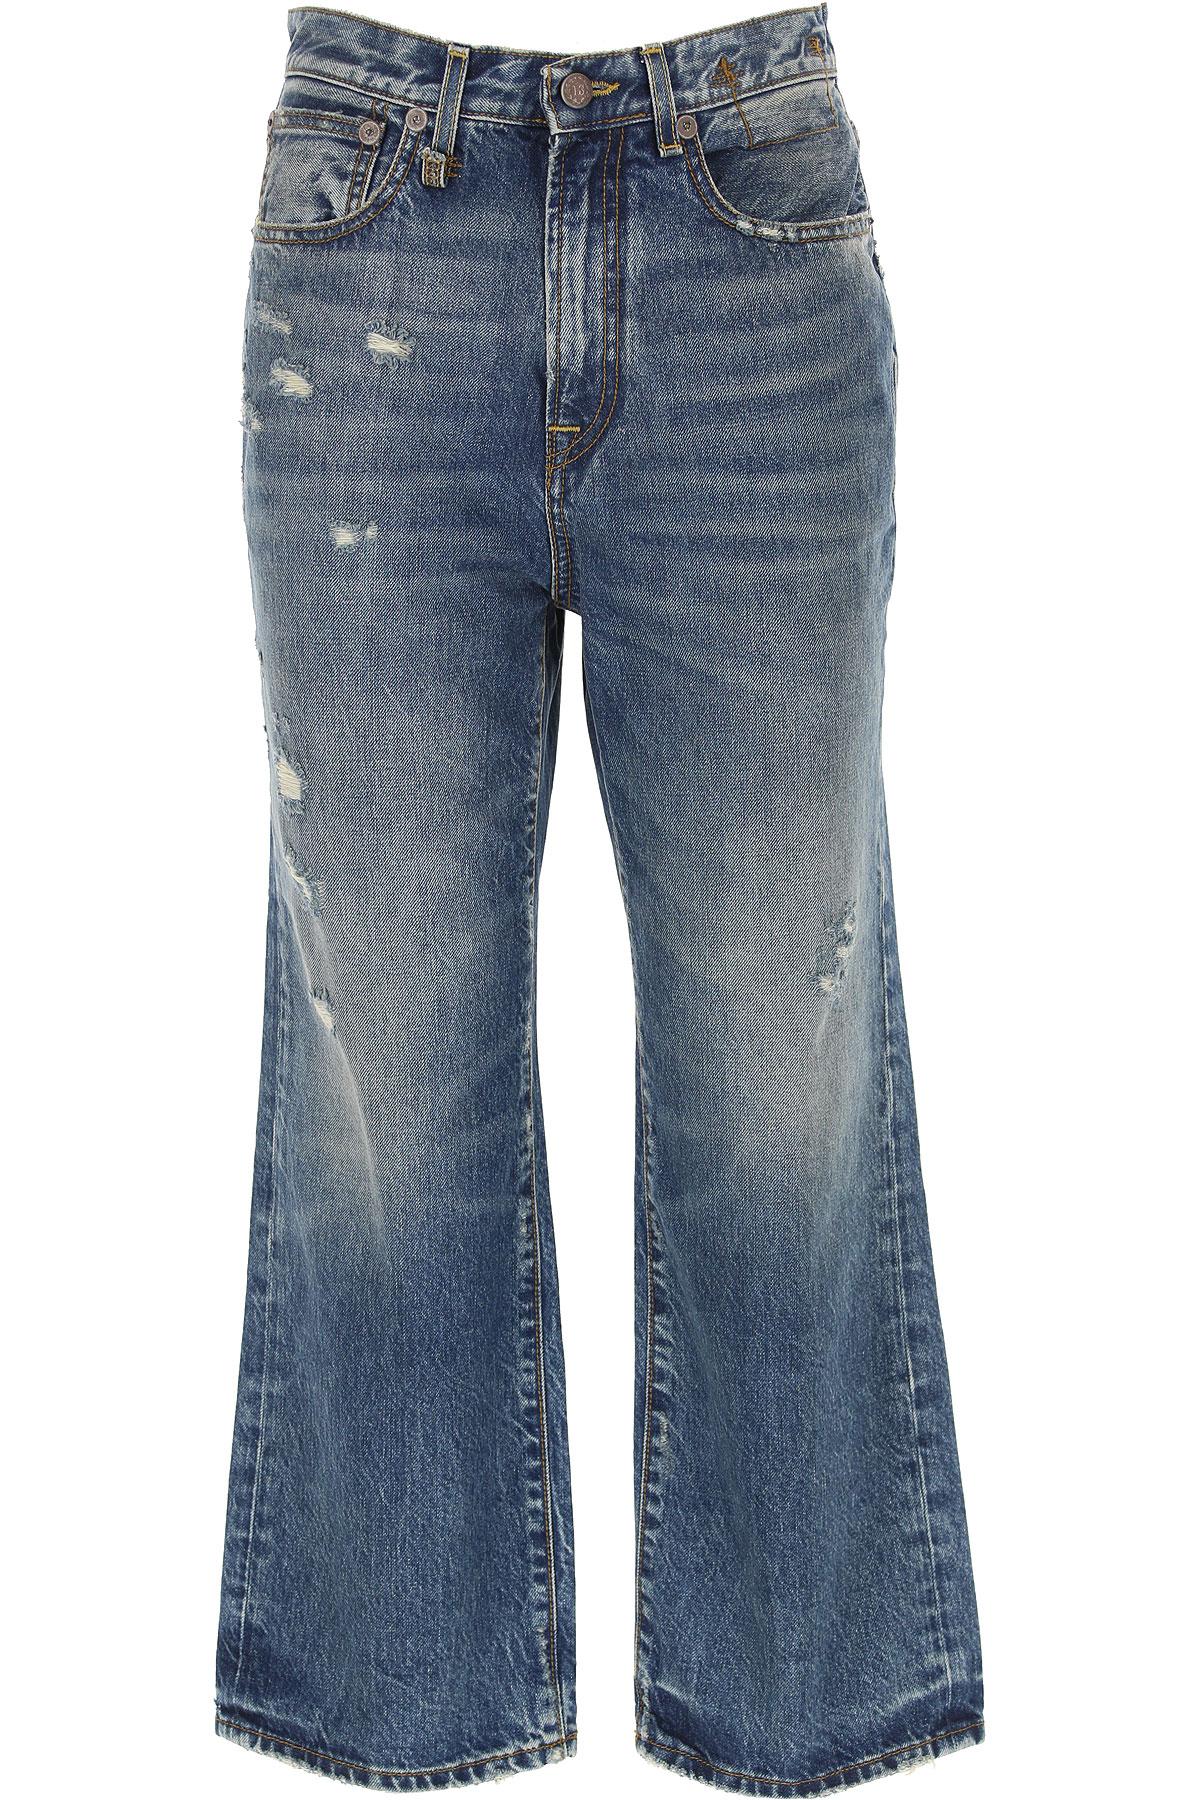 R13 Jeans On Sale, Denim Blue, Cotton, 2019, 25 27 28 29